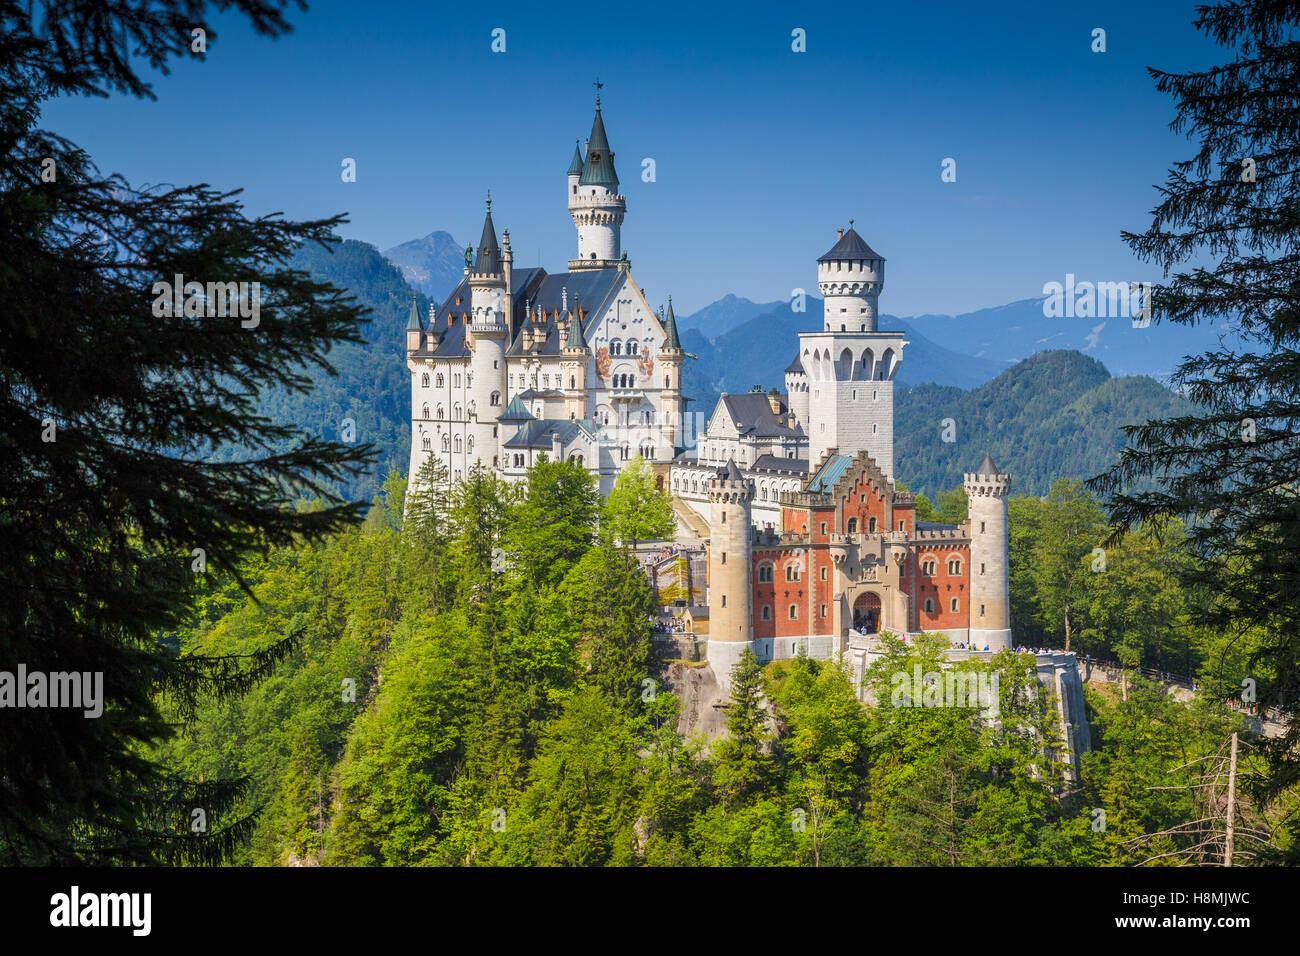 Visualizzazione classica del famoso castello di Neuschwanstein, uno d'Europa più visitato castelli, in Immagini Stock